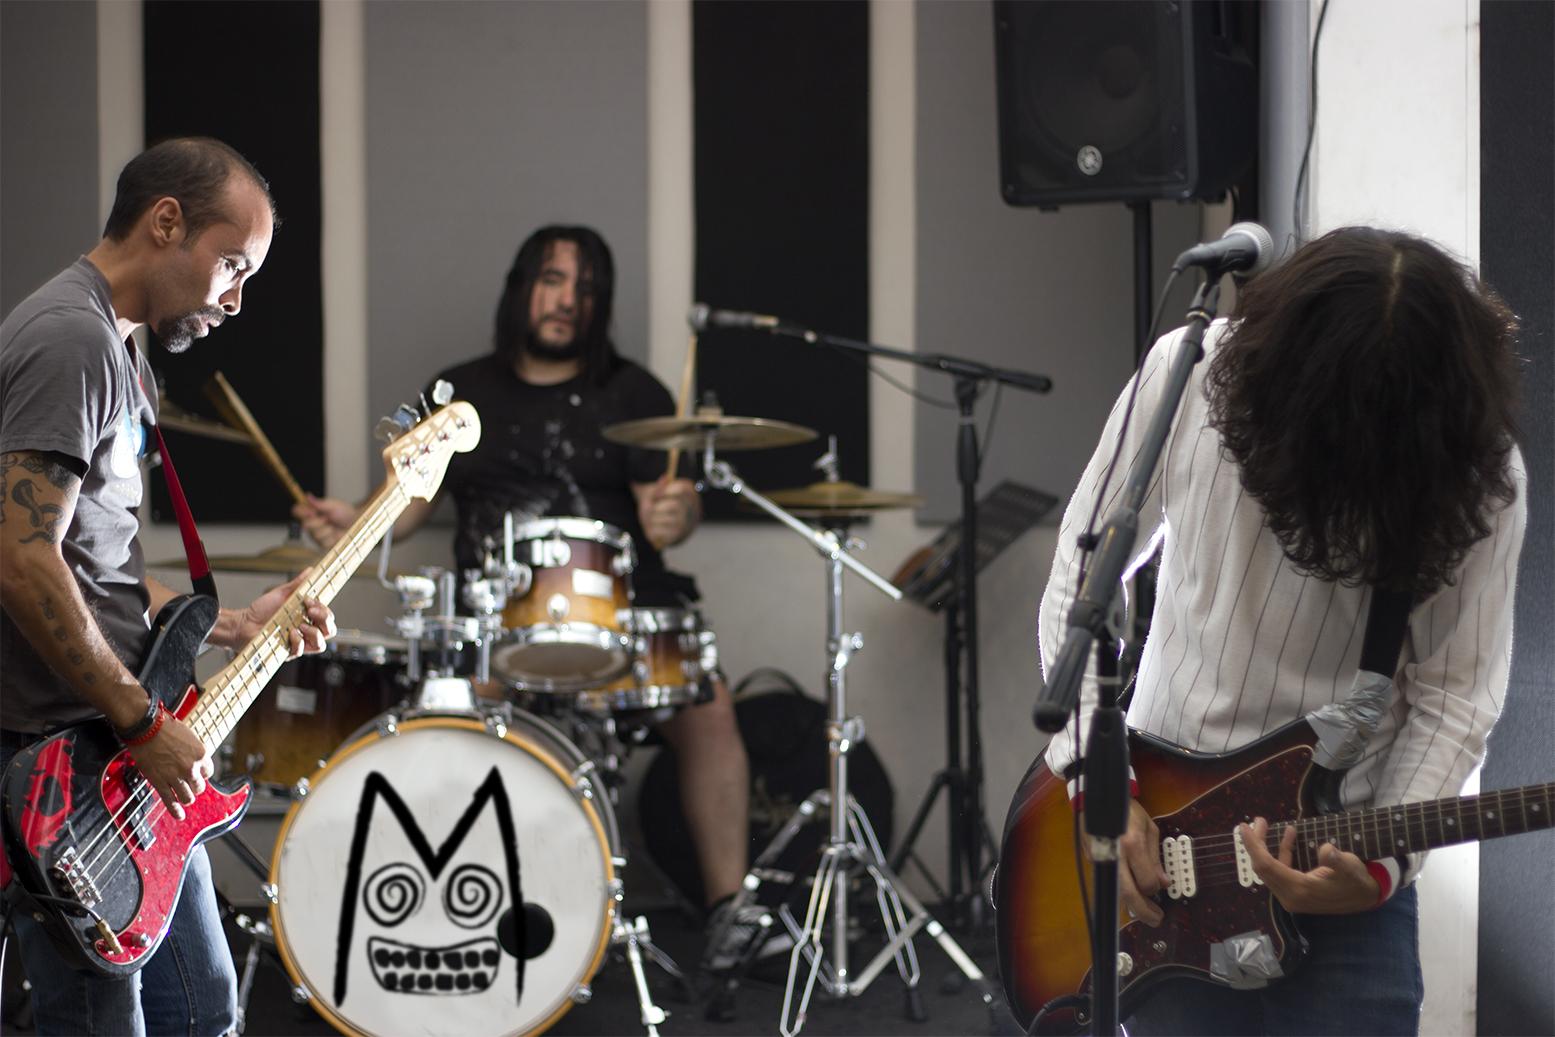 Monopsycho, banda de grunge de Ciudad de Panama